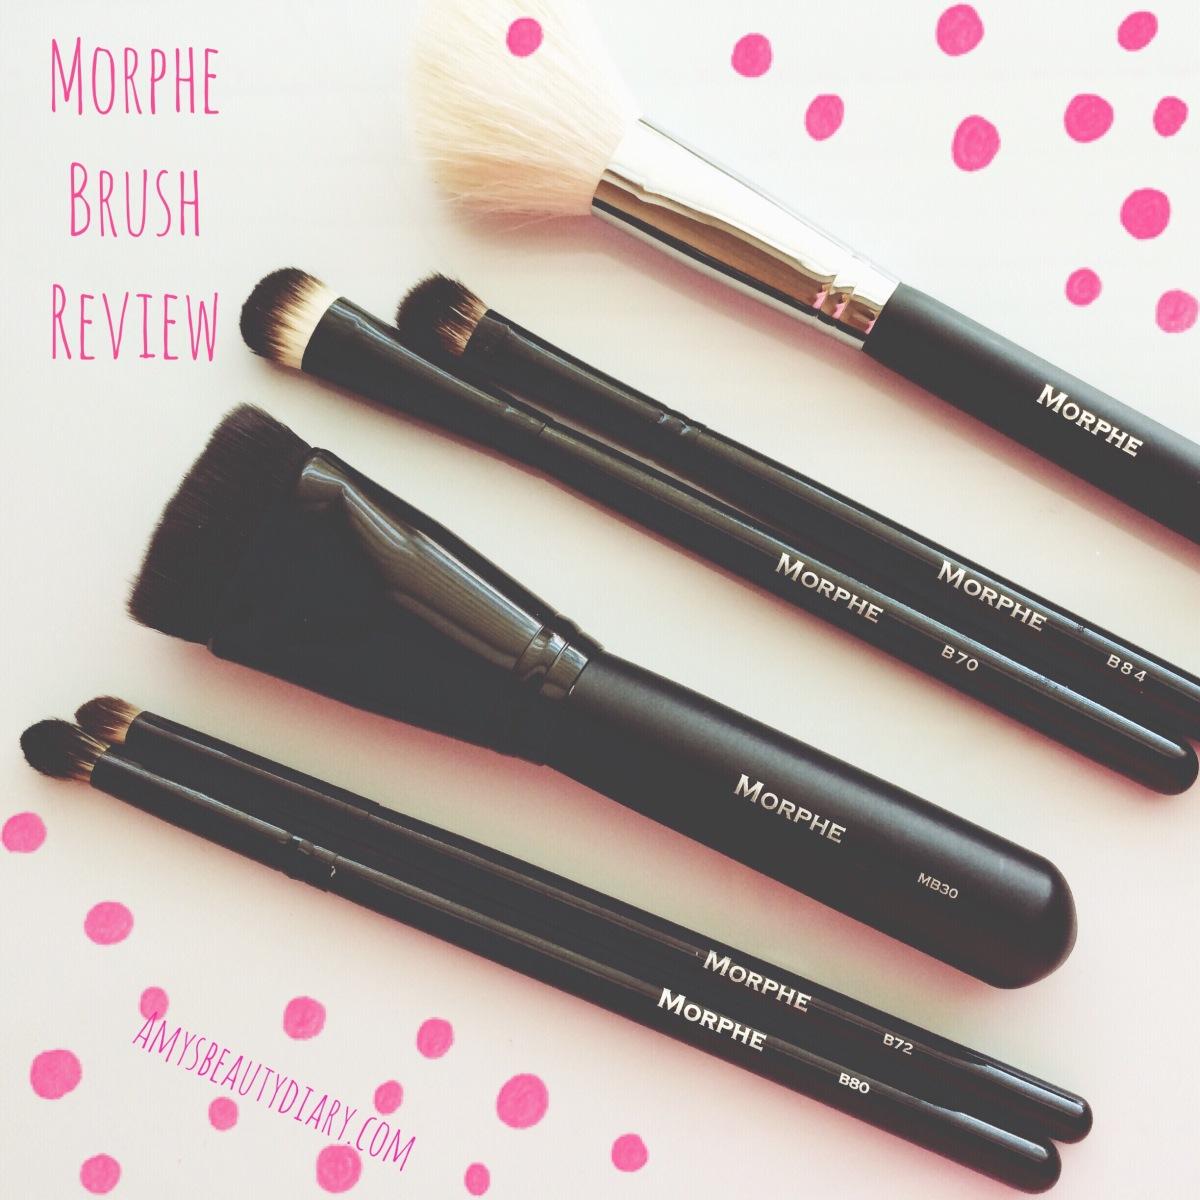 Morphe Brush Review